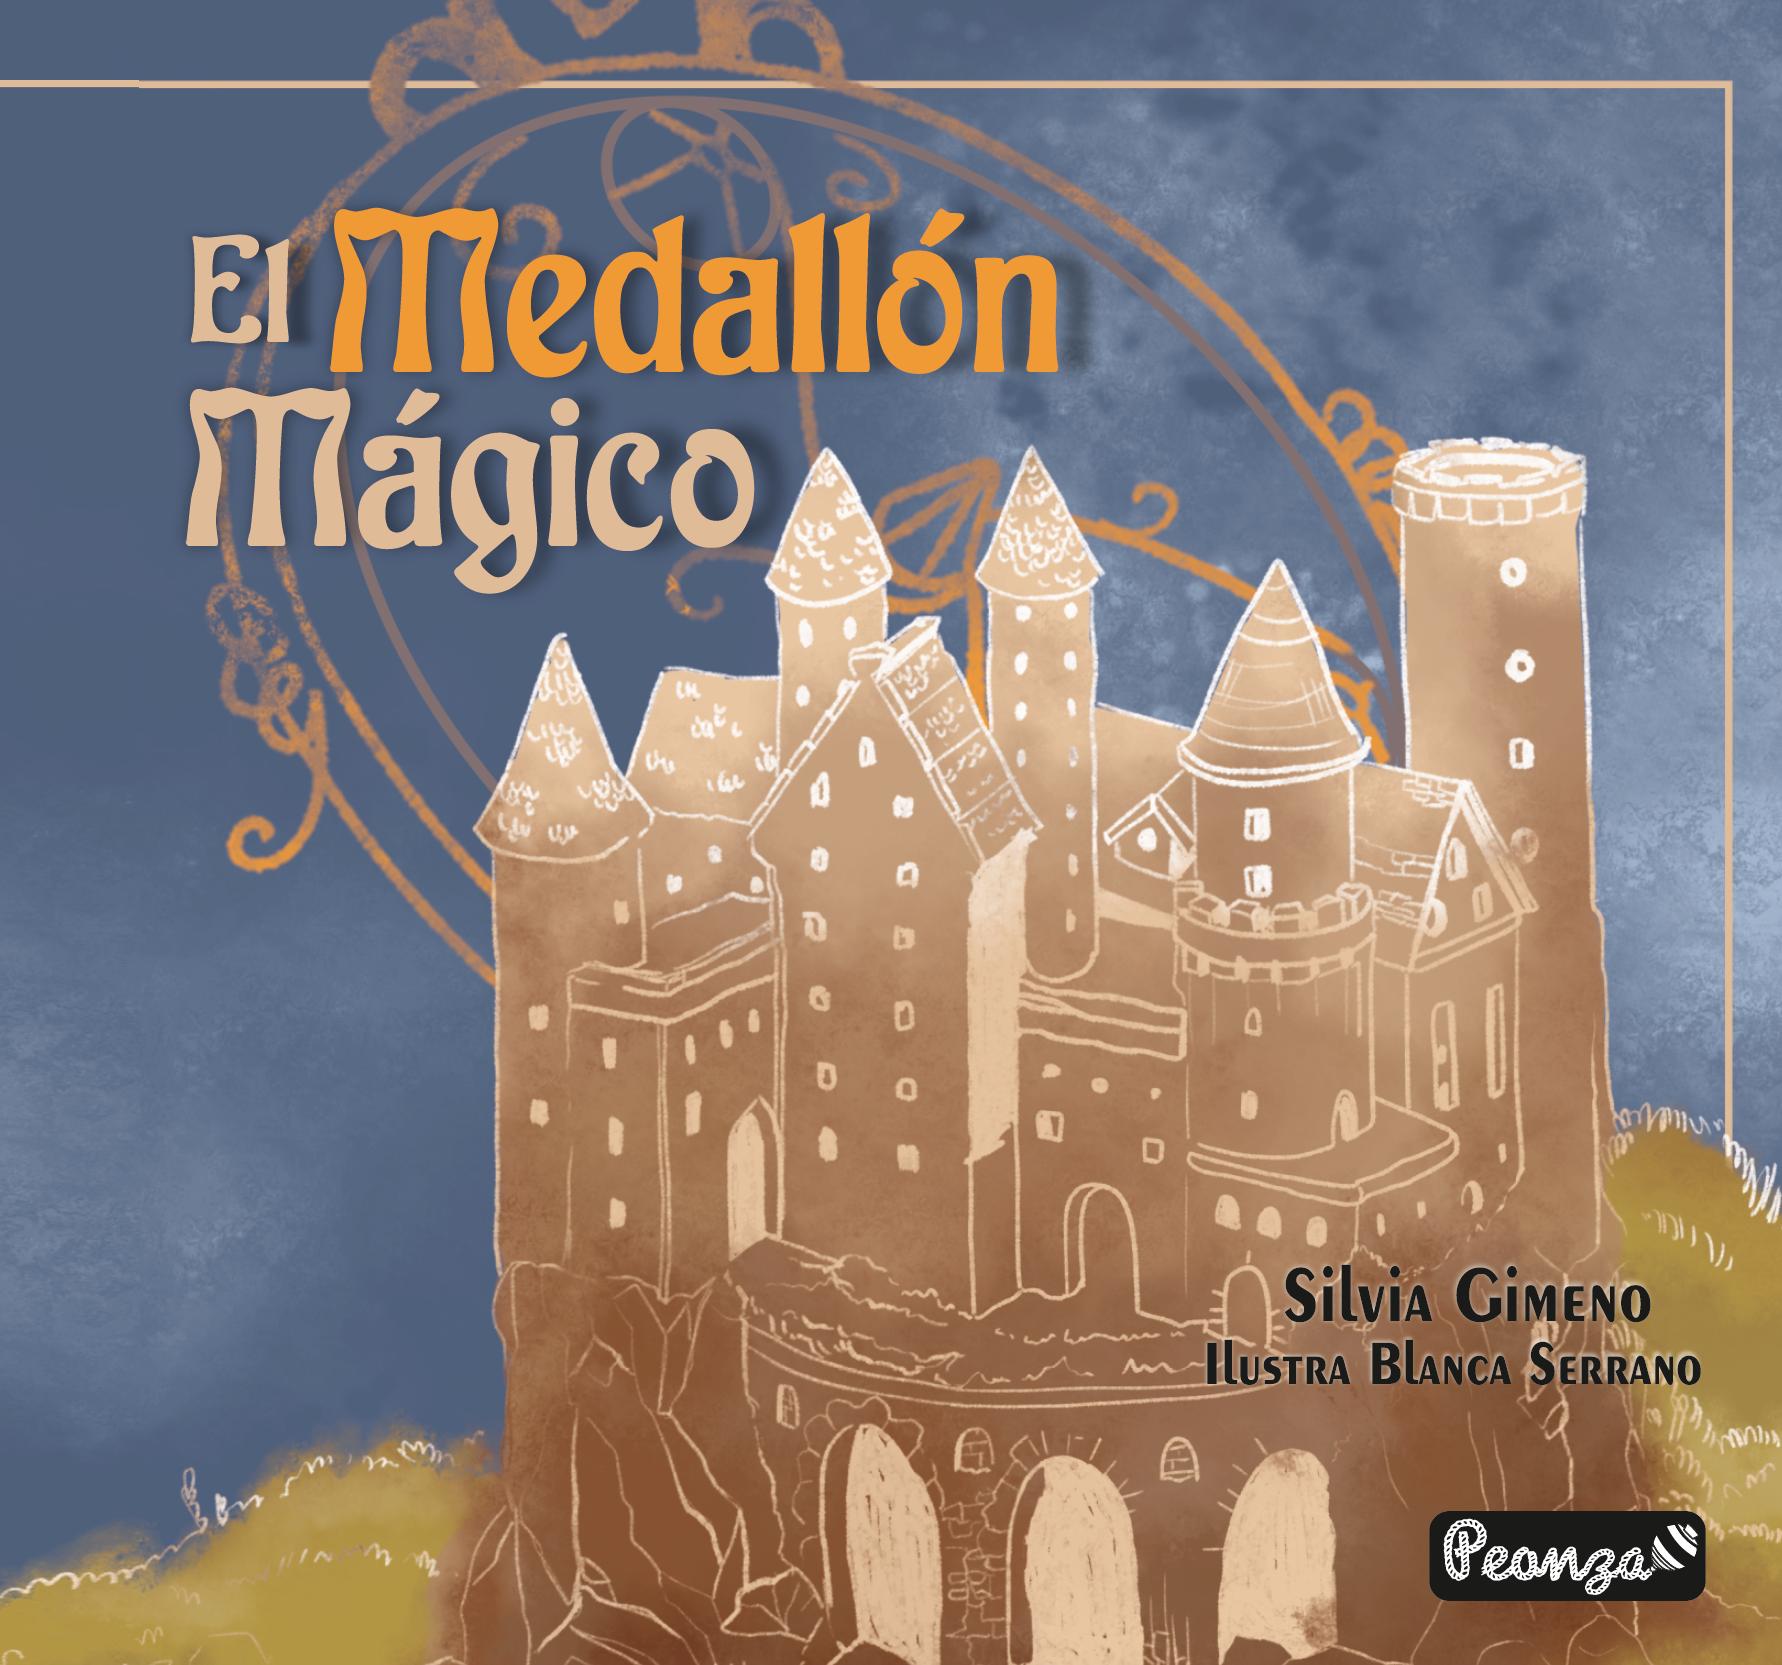 EL MEDALLÓN MÁGICO